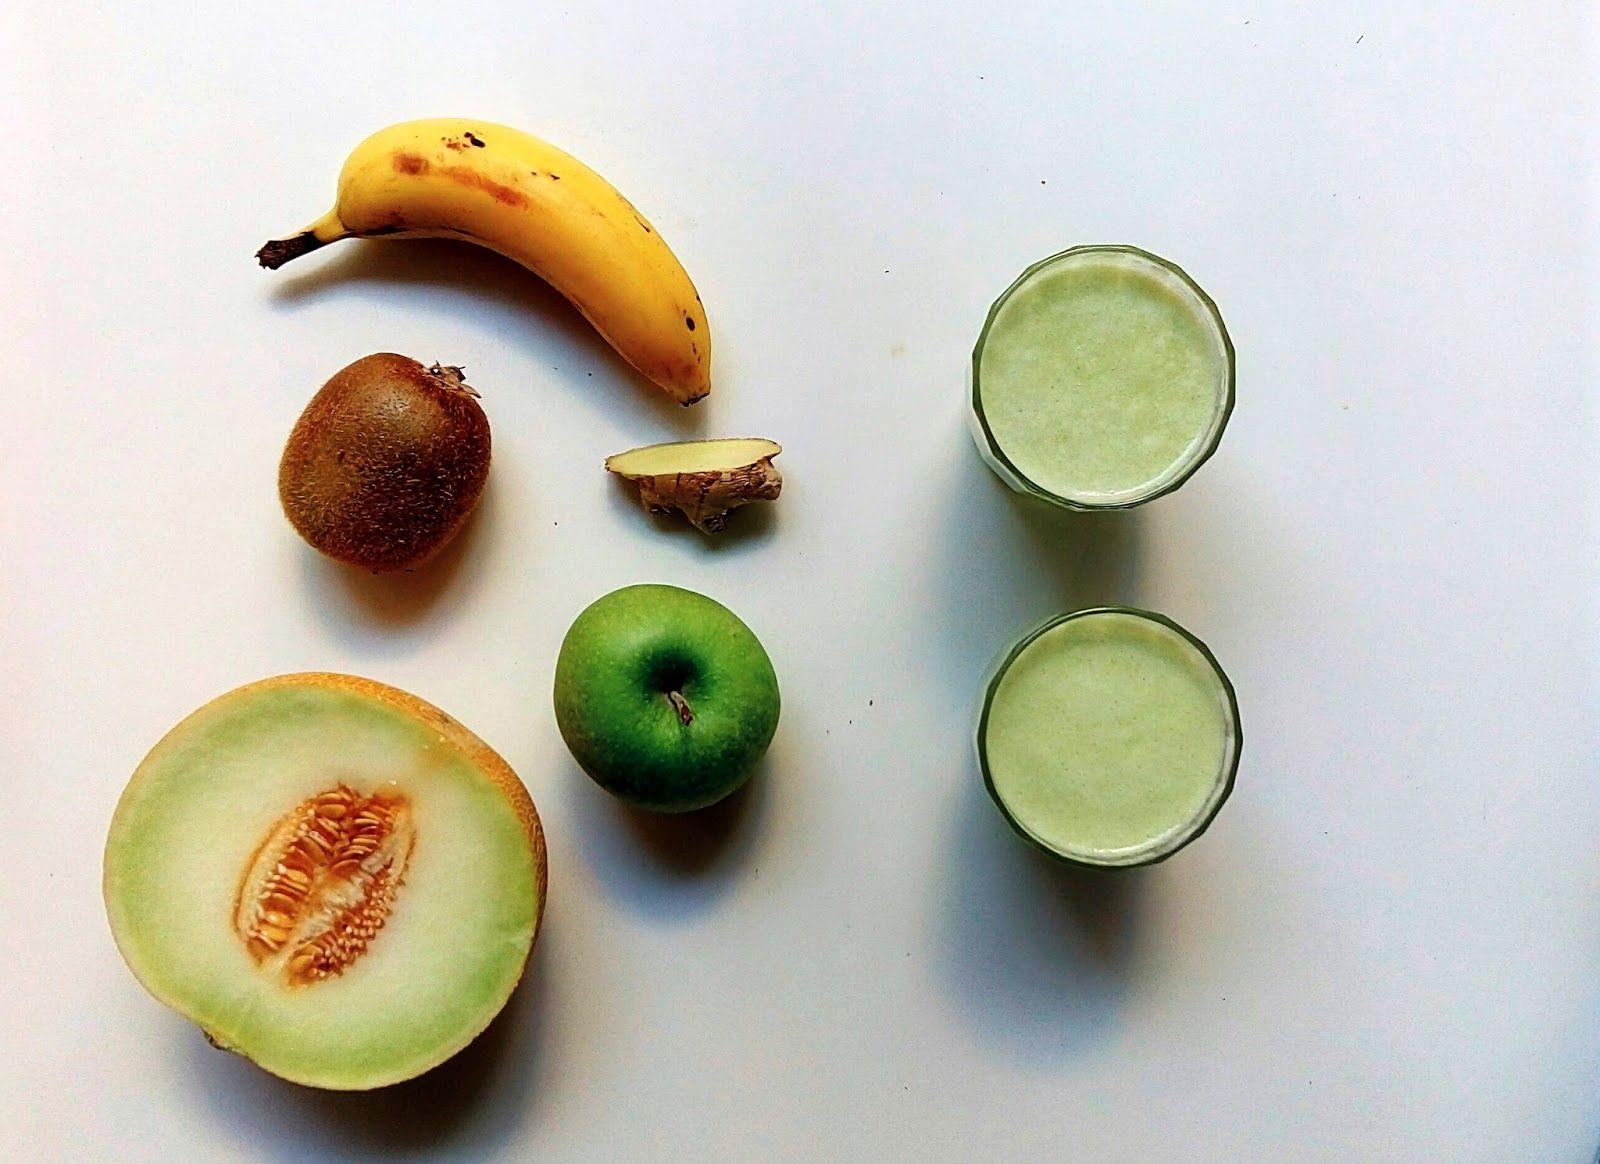 Licuado de melon, kiwi, platano, manzana y jengibre